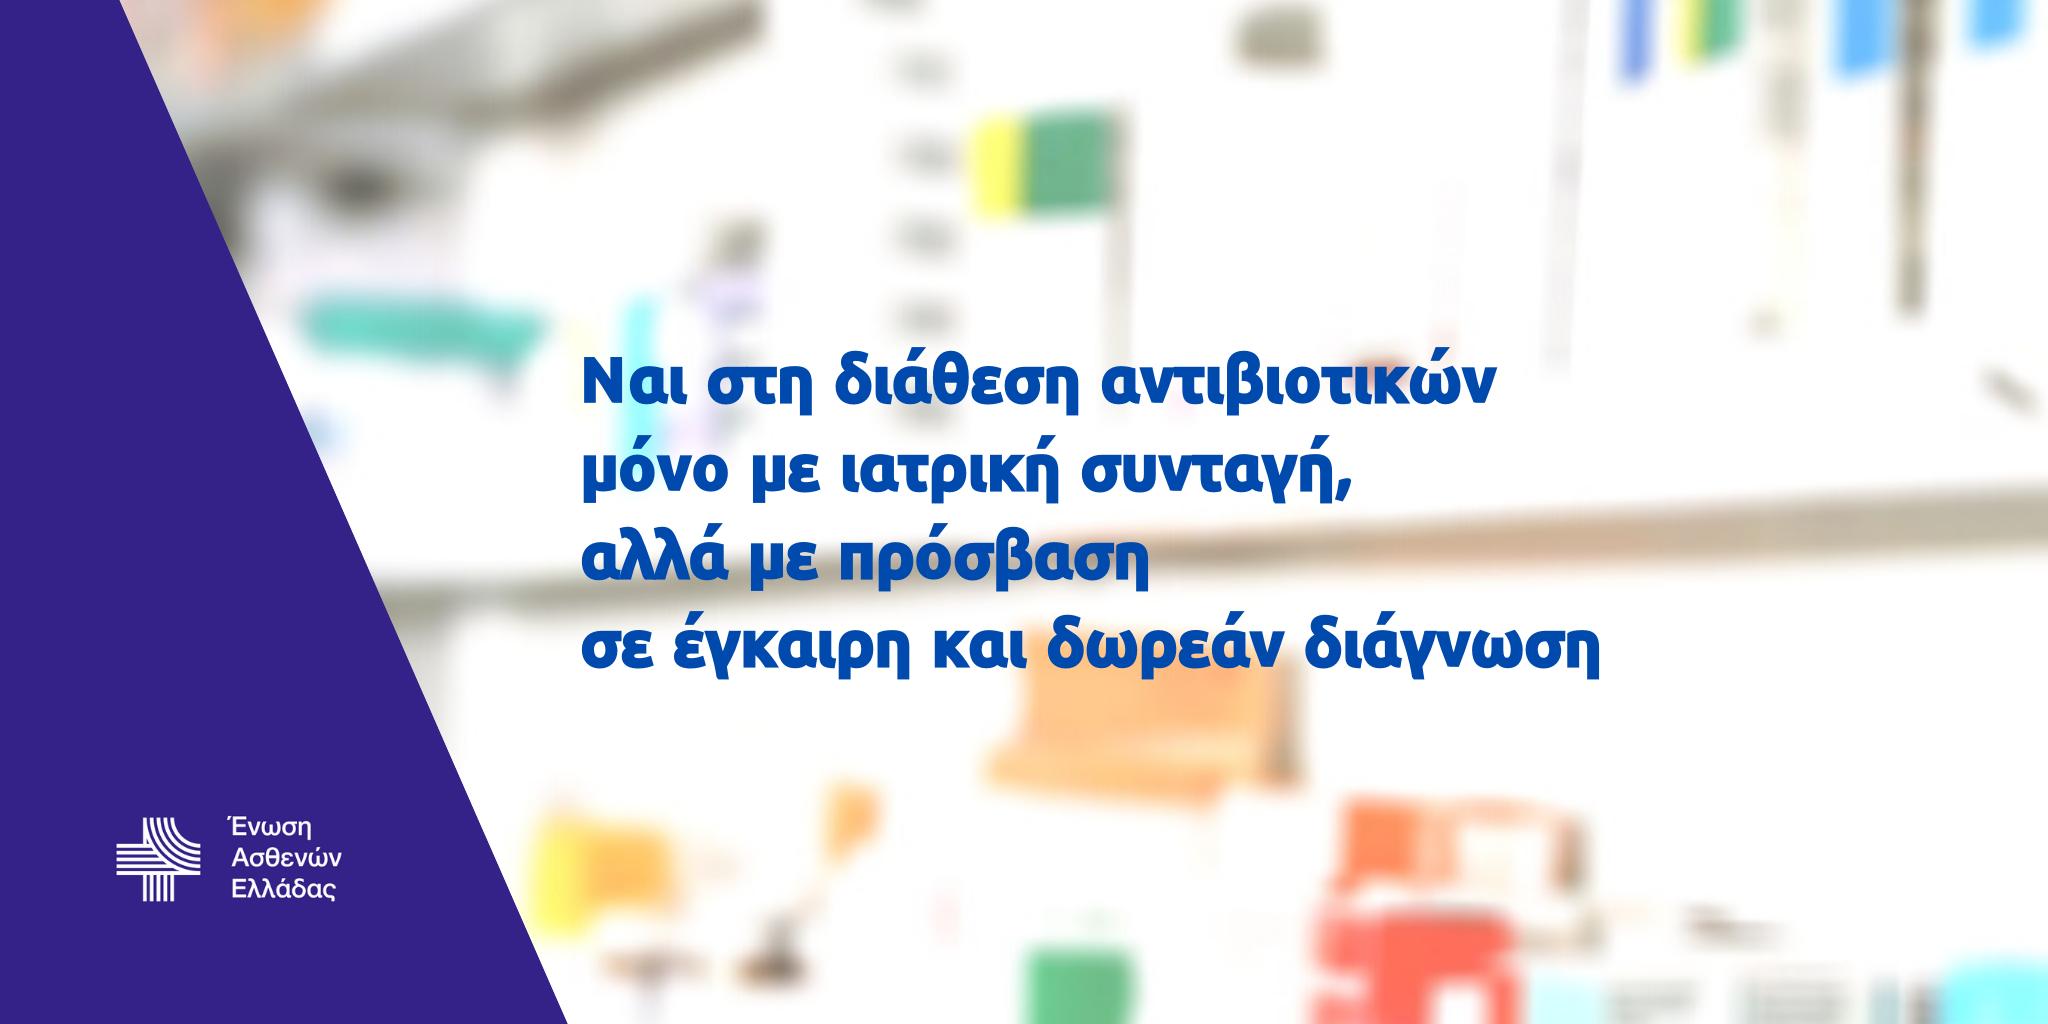 Η Ένωση Ασθενών Ελλάδας για τη αποκλειστική διάθεσή αντιβιοτικών με ιατρική συνταγή